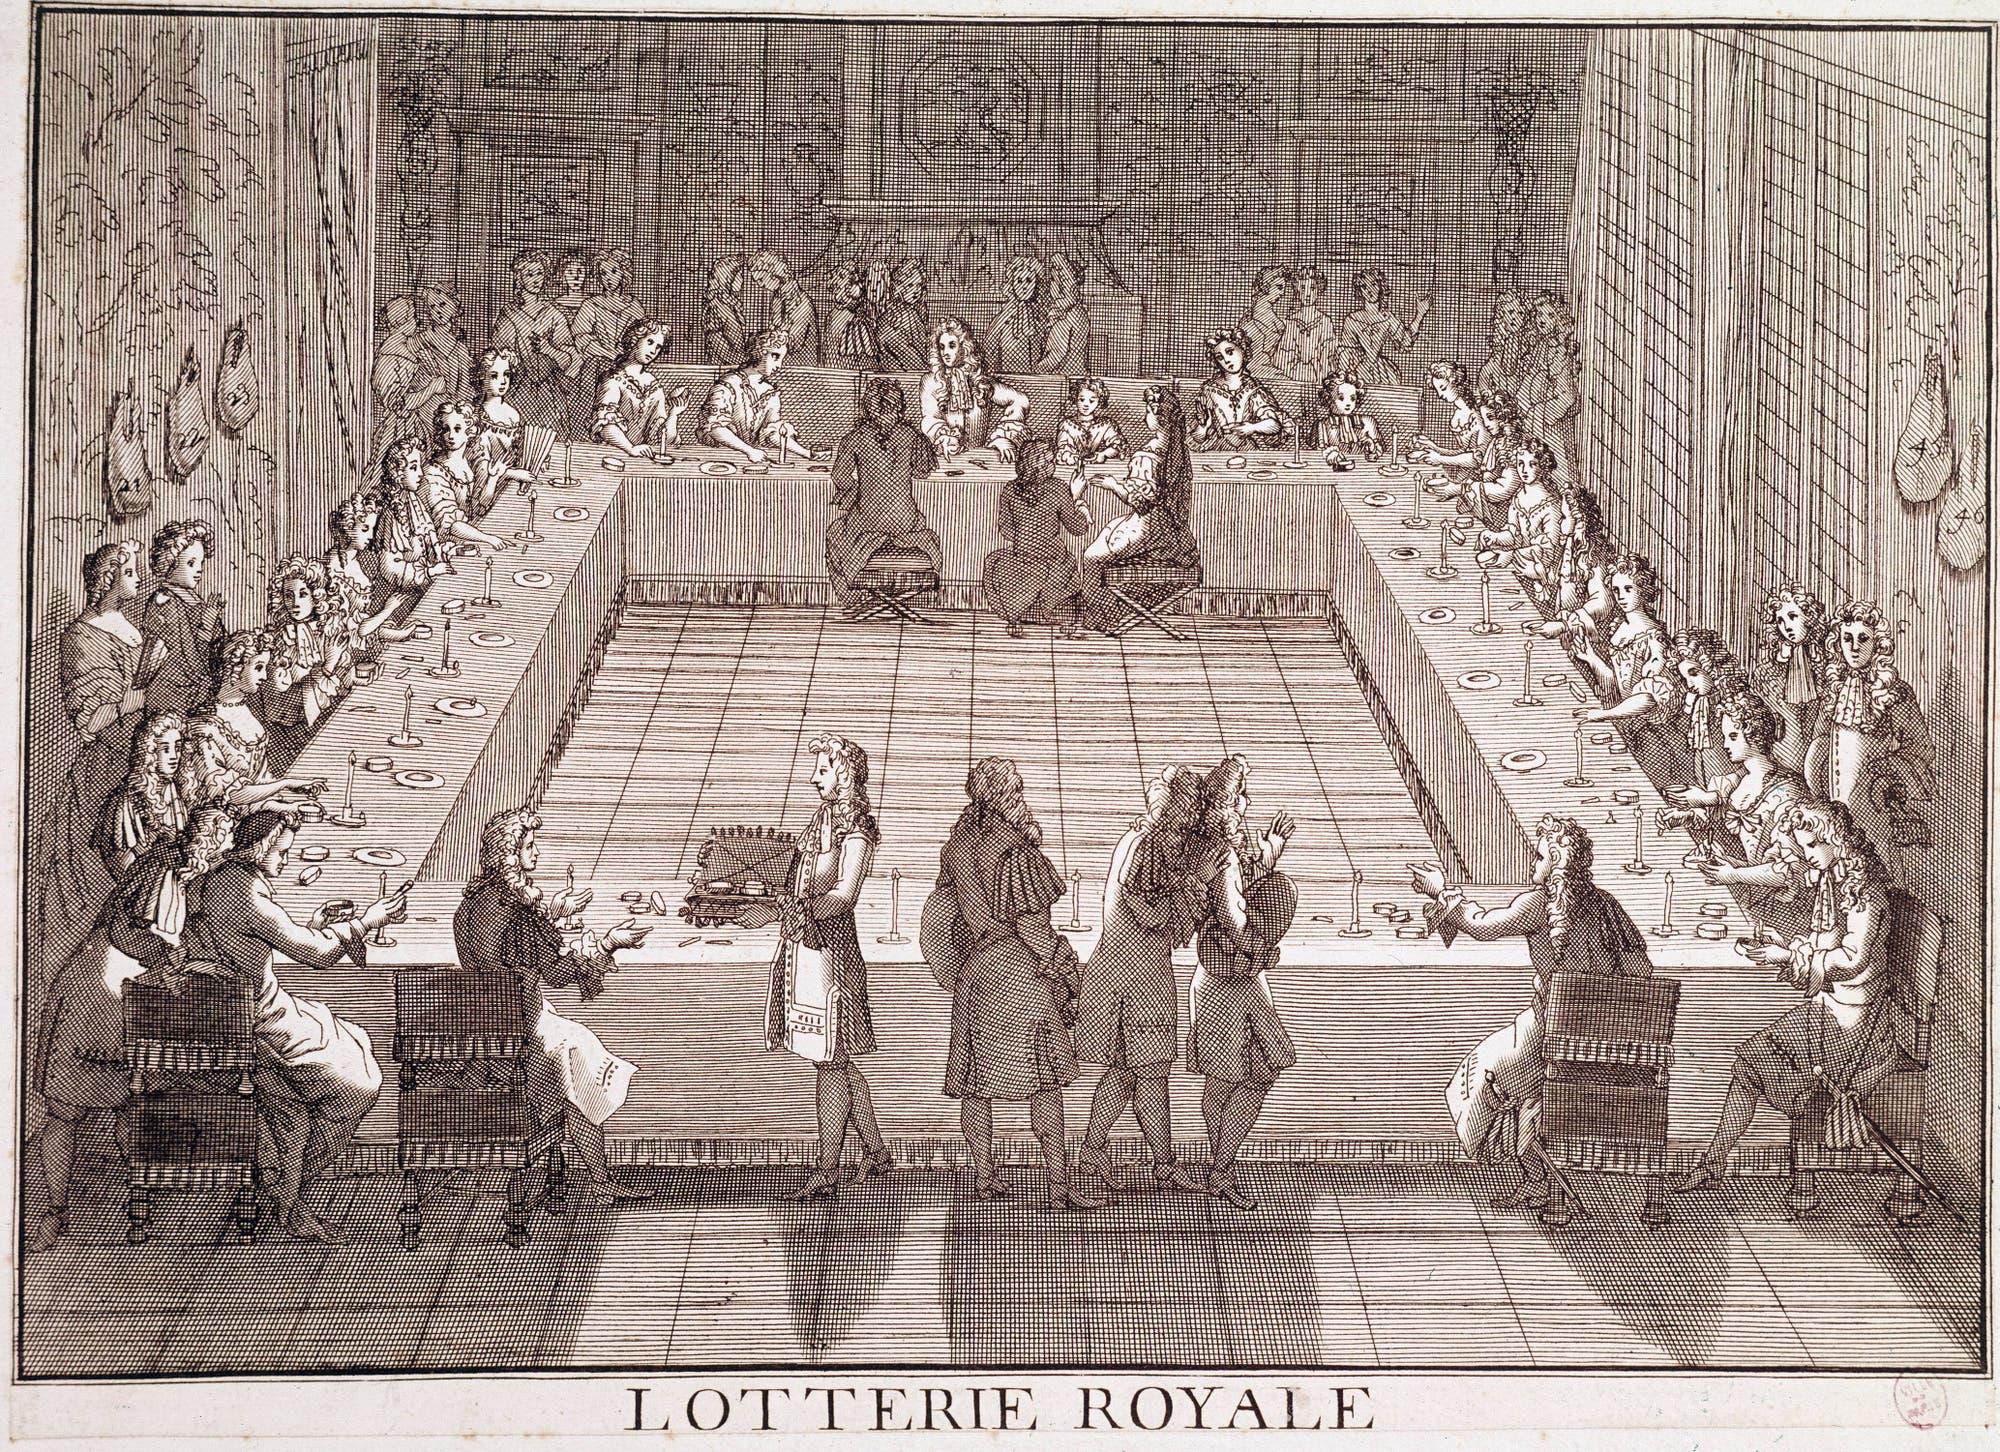 Königliche Lotterie im 17. Jahrhundert